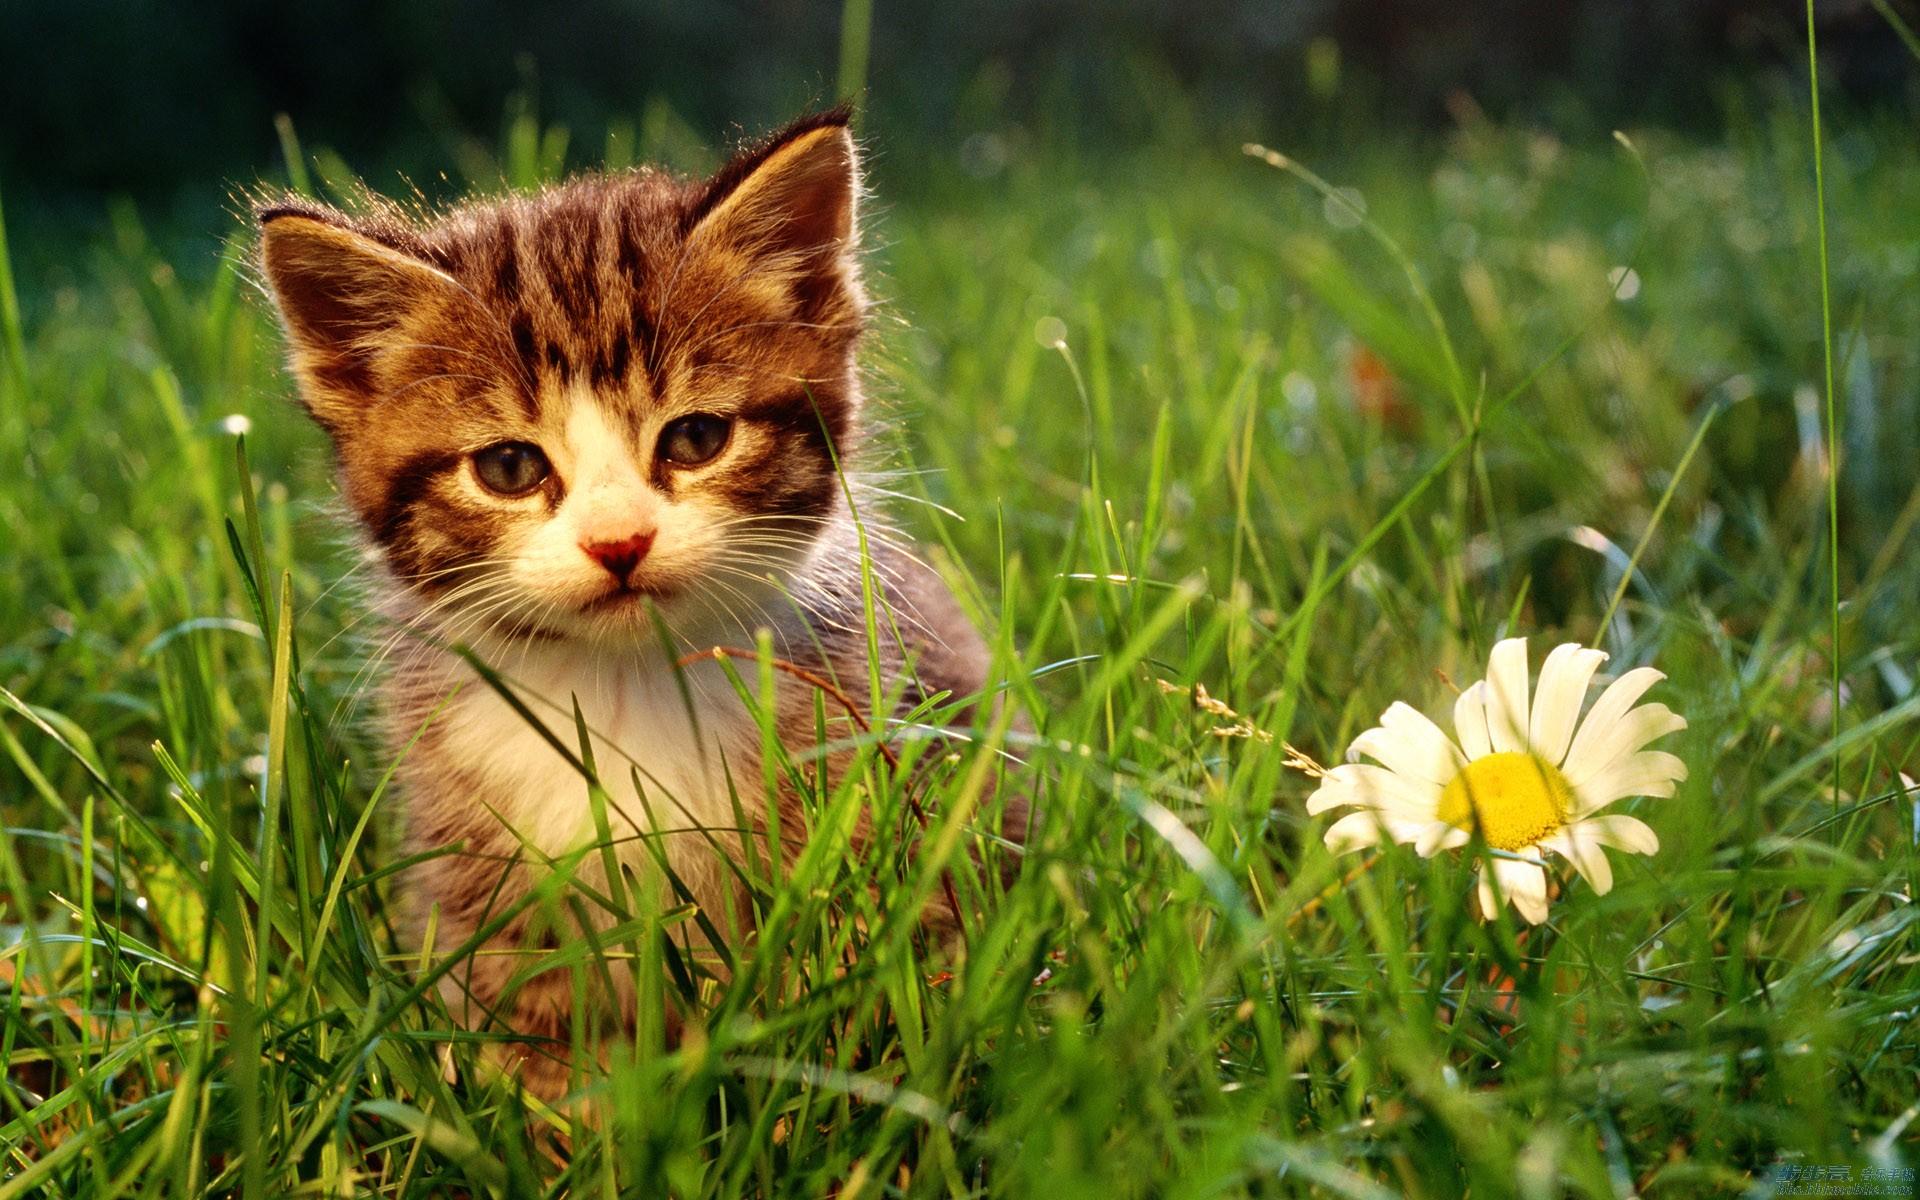 超萌~~~~可爱猫咪们的超萌照片哦,不看后悔哦